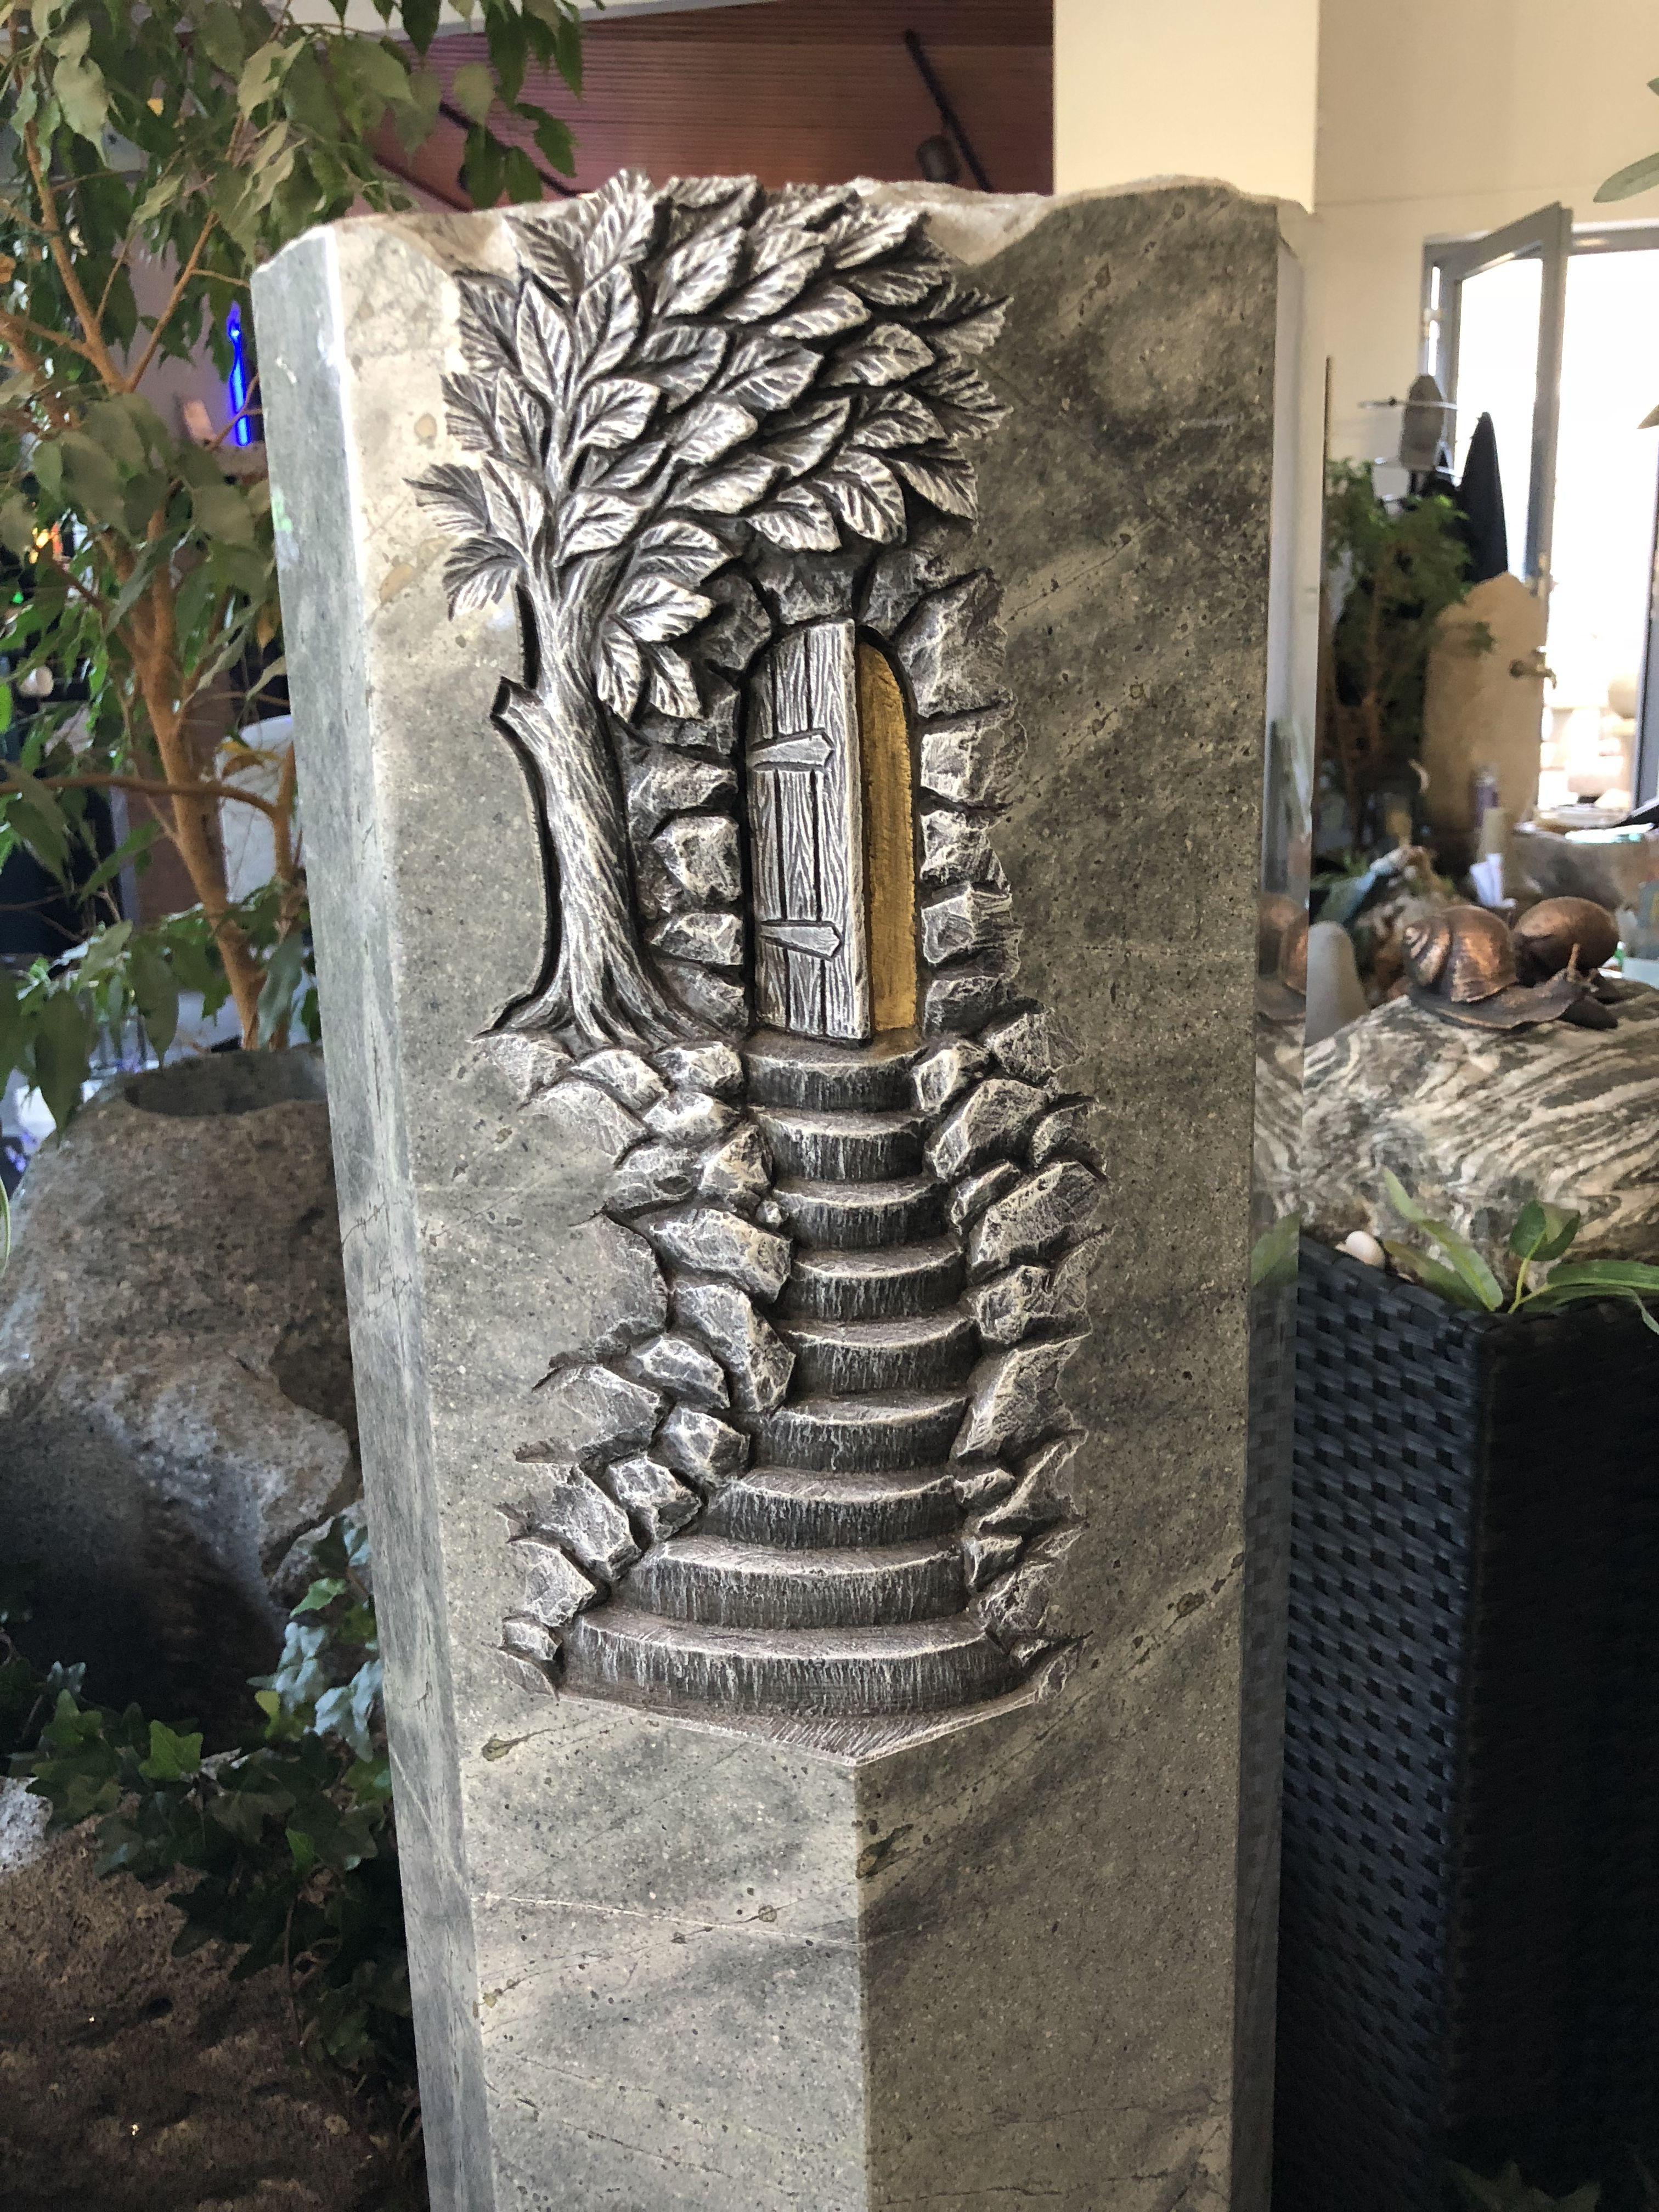 Stechemesser Natursteine Grabsteine Schriften Ornamente 8